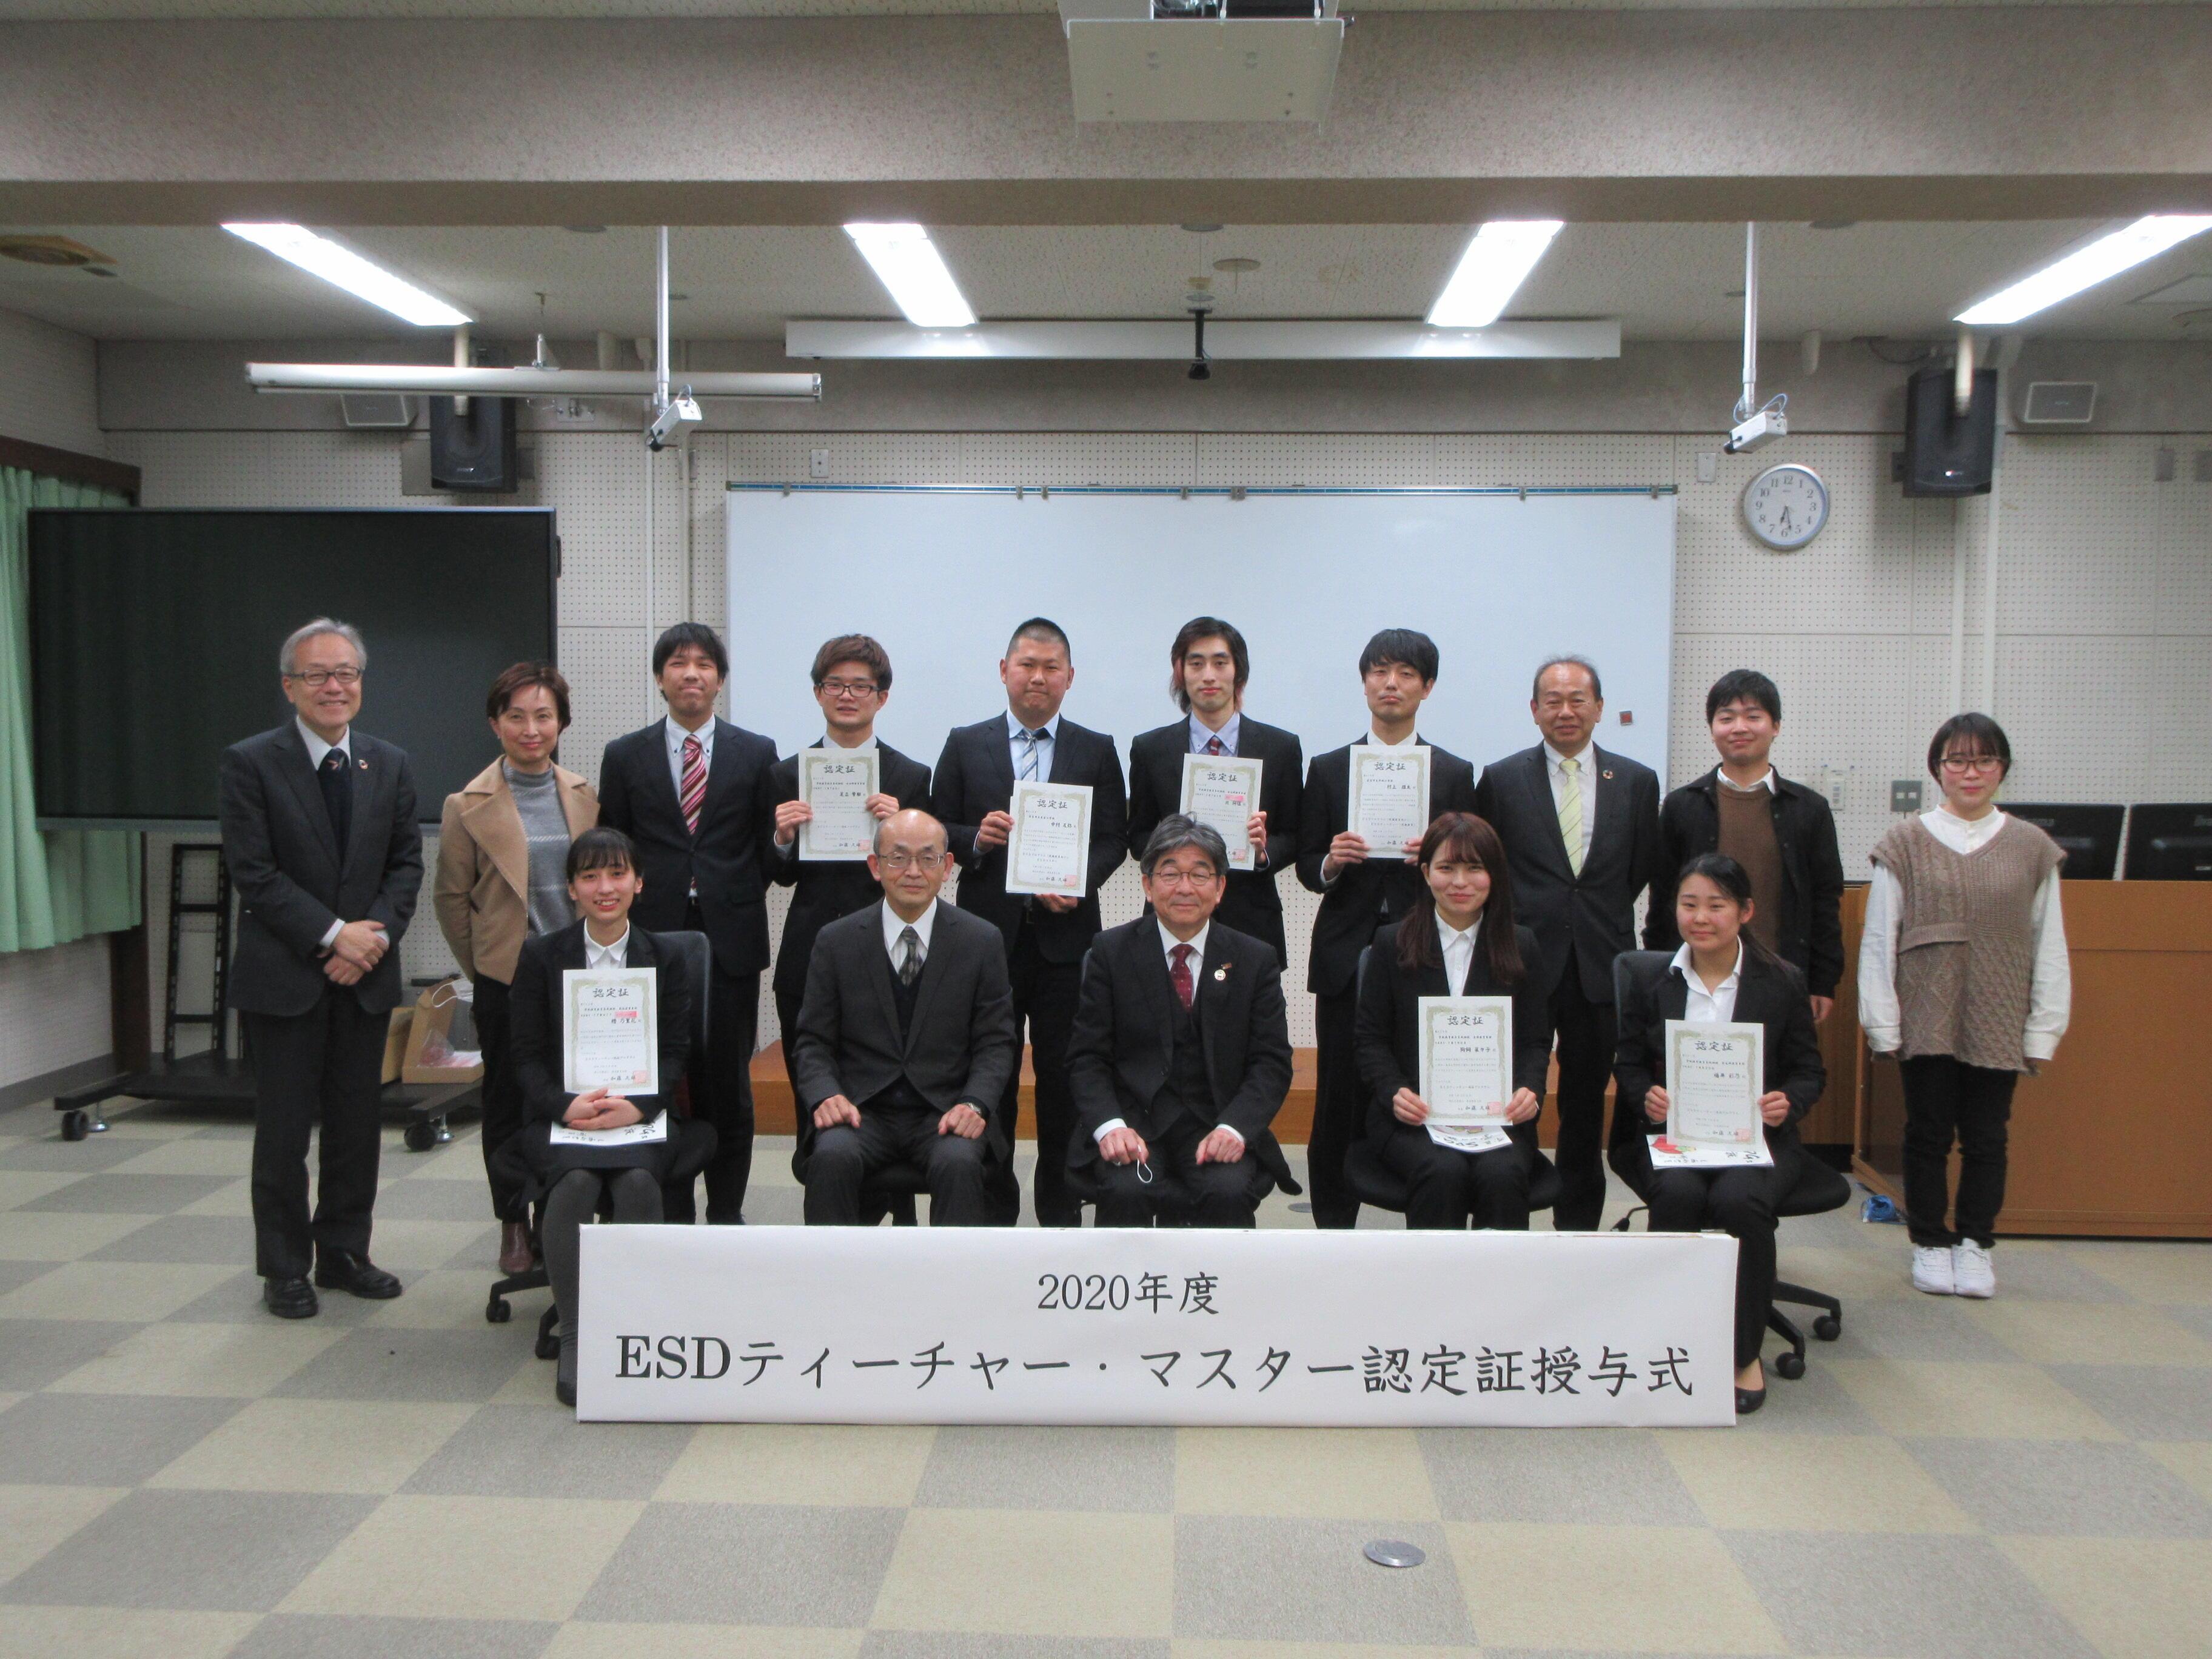 奈良教育大学.JPG